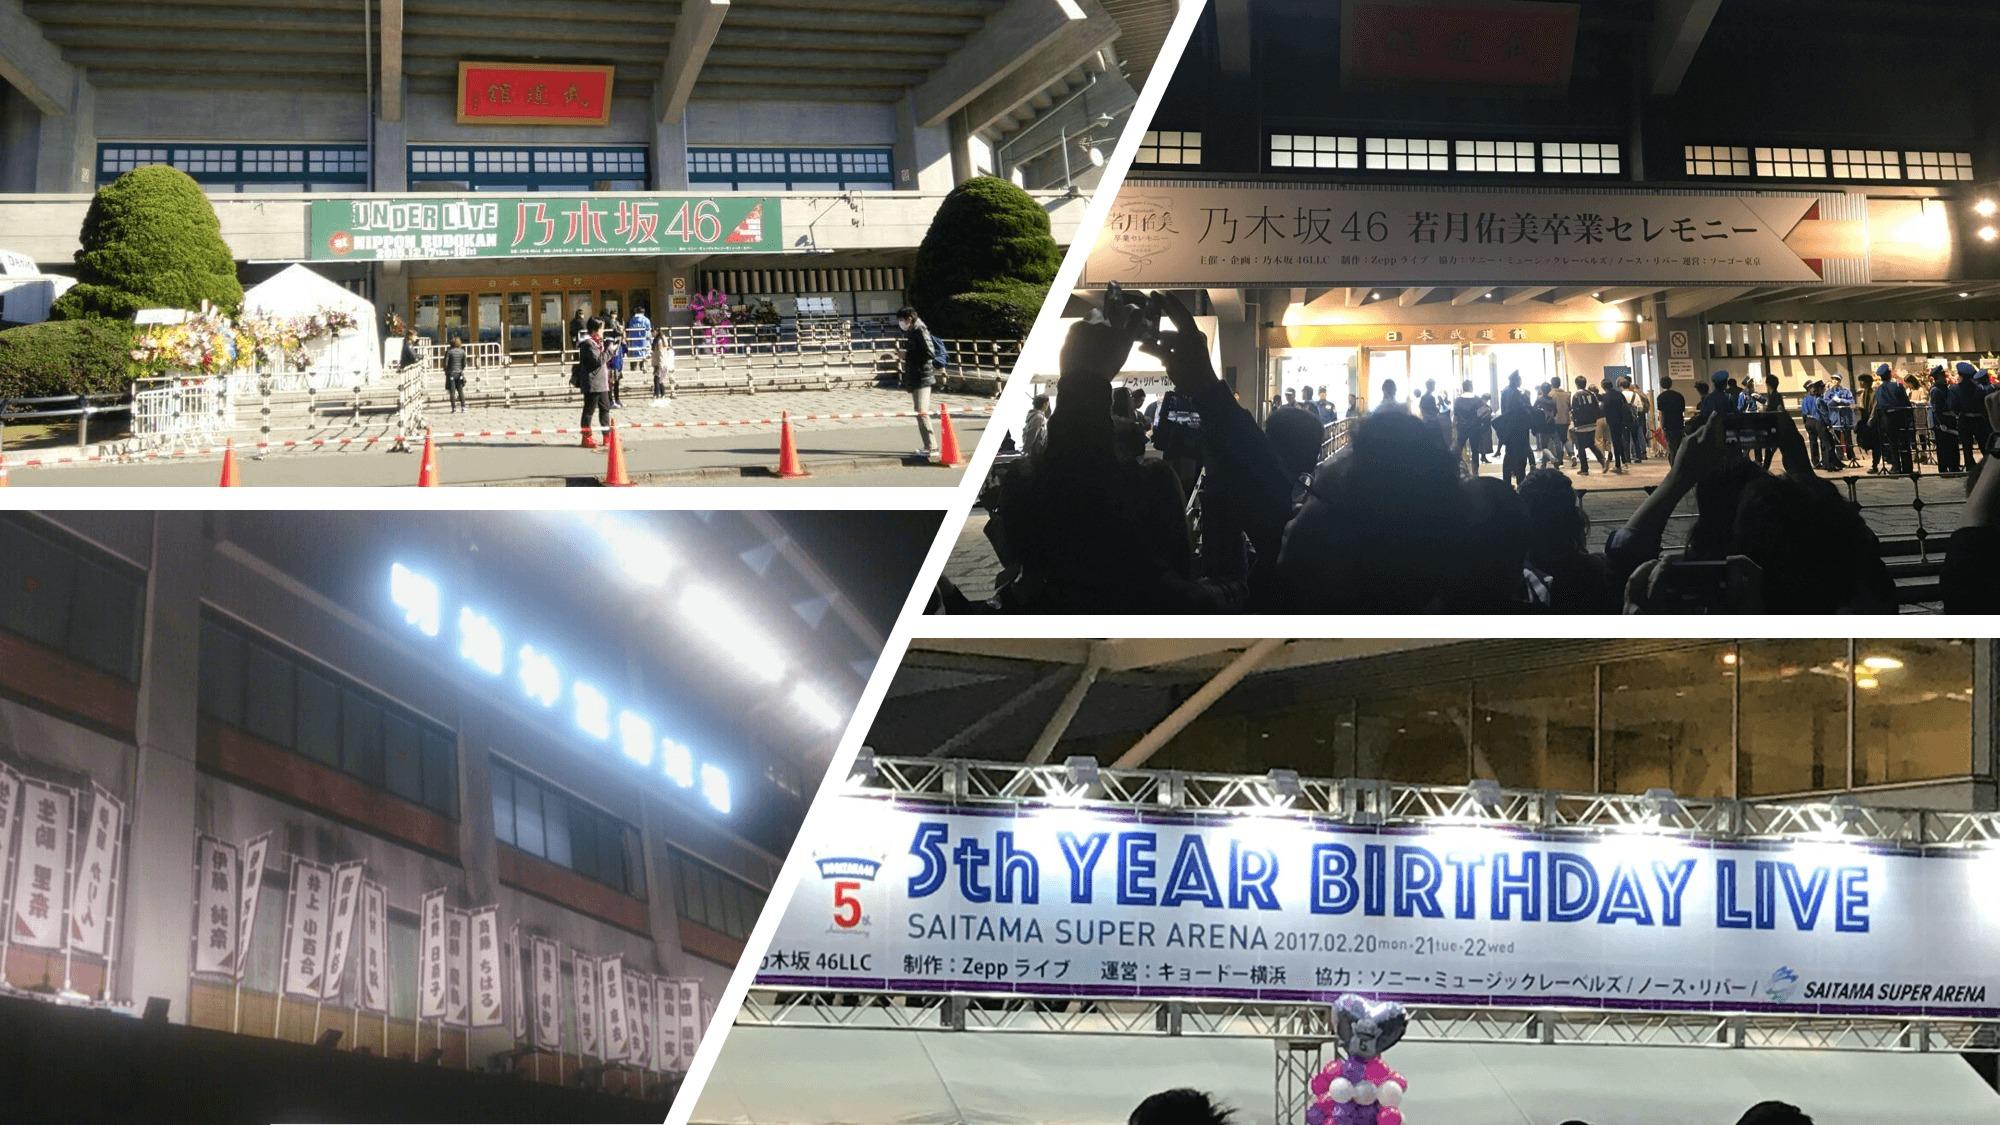 乃木坂46単独コンサート(ライブ)の種類一覧と特徴を紹介!自分好みのコンサートに行こう!